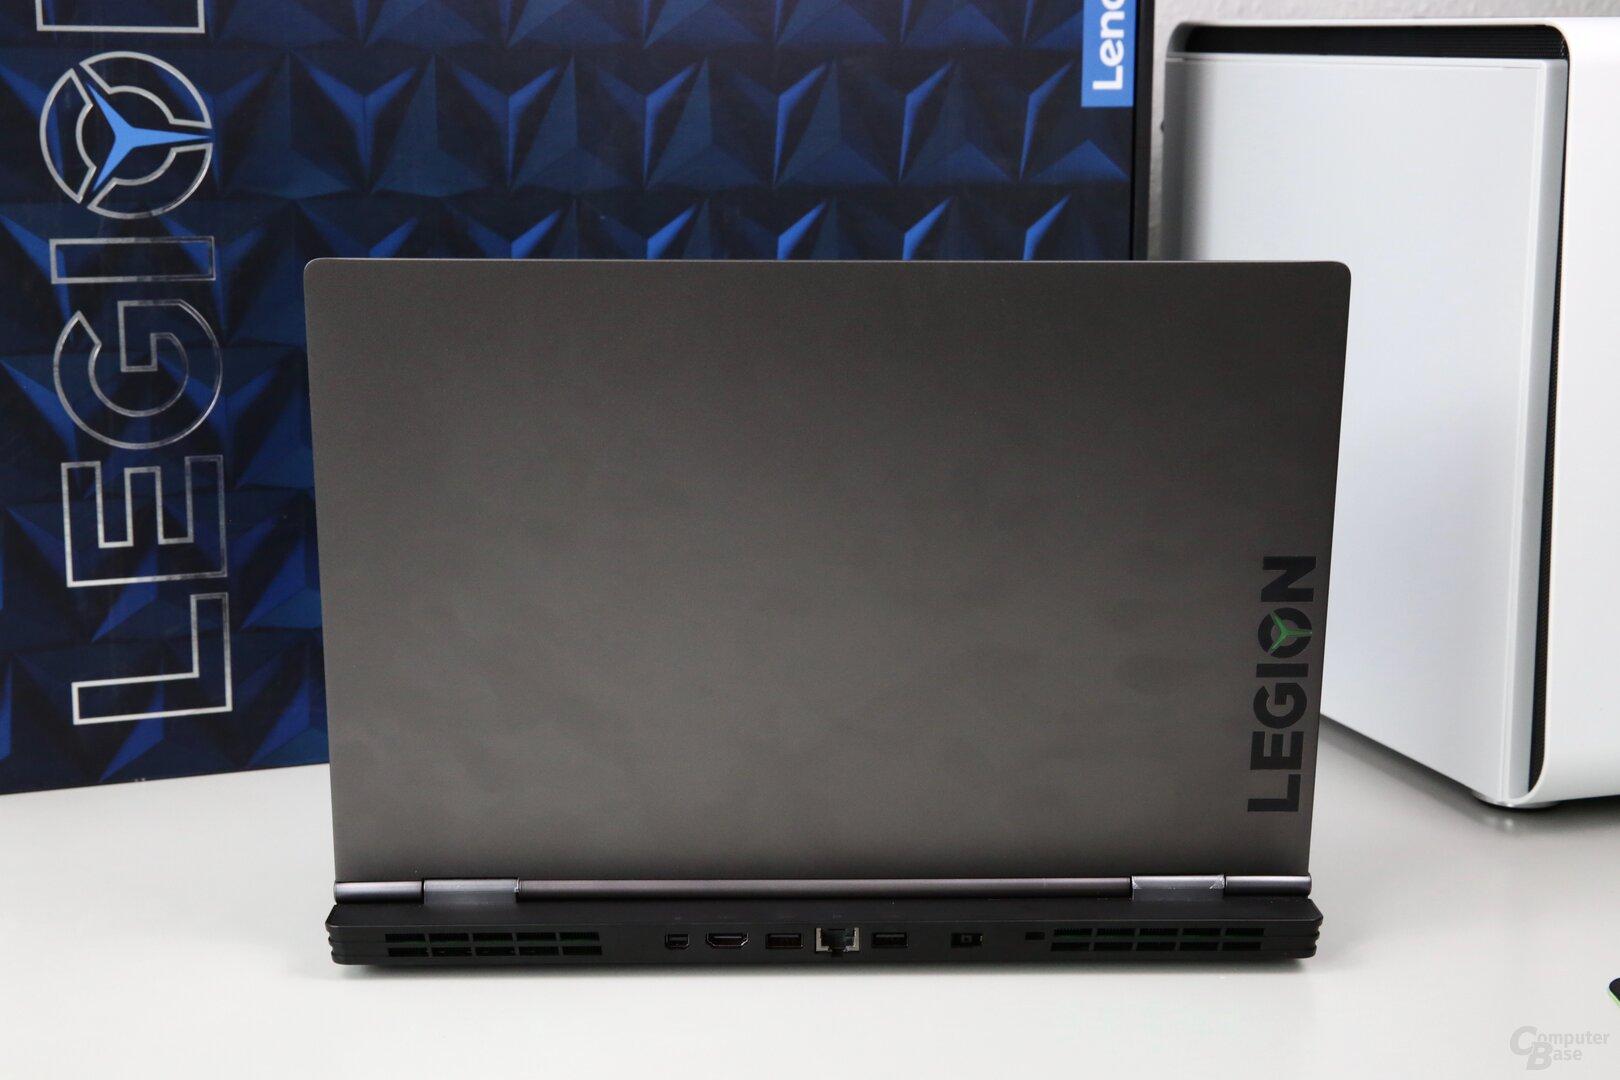 Lenovo Legion Y740 im Test: Günstiges Gaming-Notebook mit GeForce RTX 2080 Max-Q